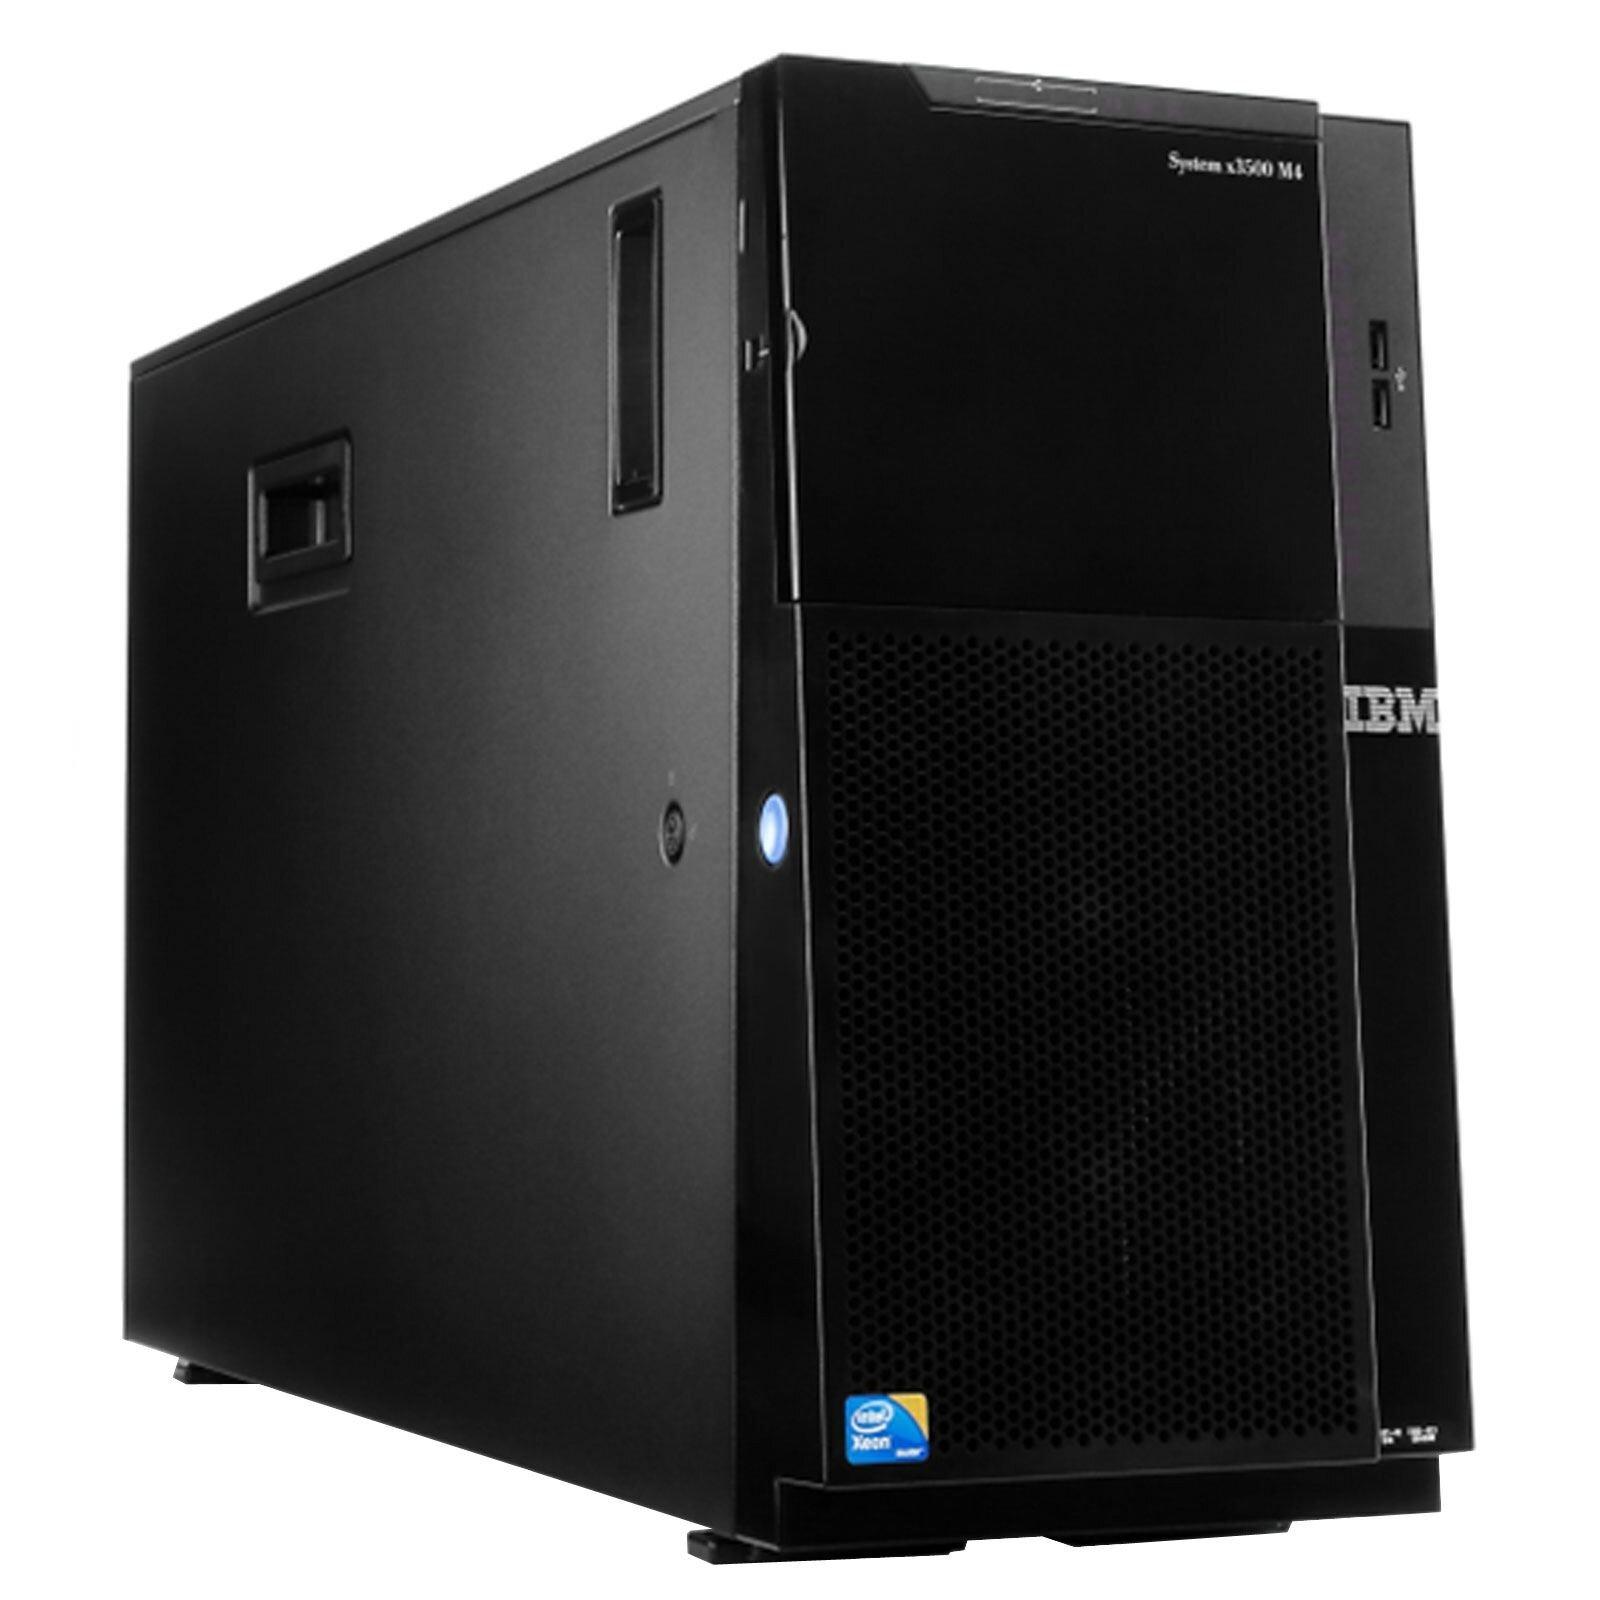 Máy chủ IBM System x3500 M4 - 7383G9A